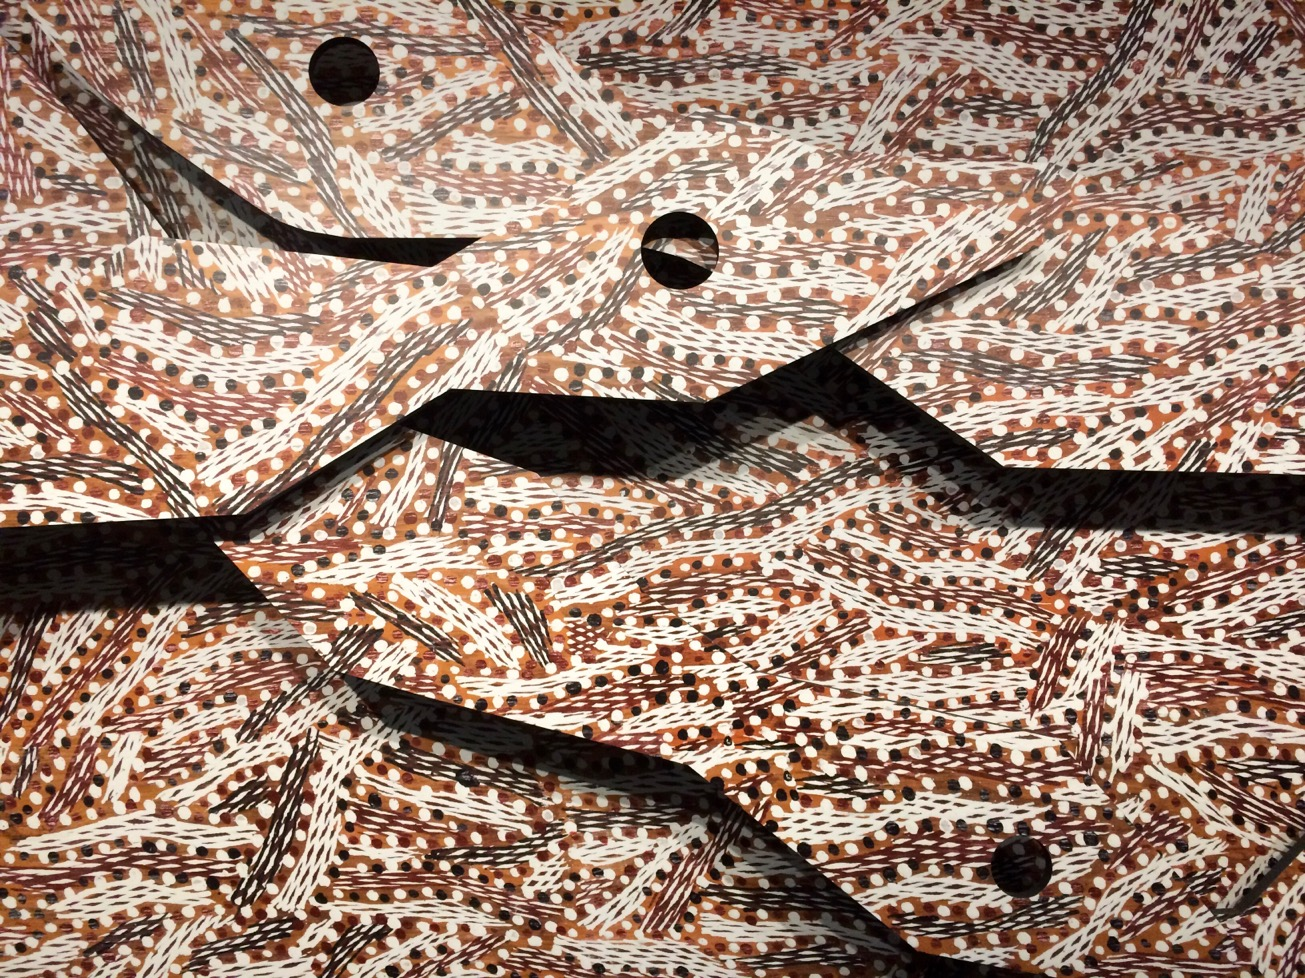 Manbuynga by Barayuwa Mununggurr, MCA, Sydney, Australia